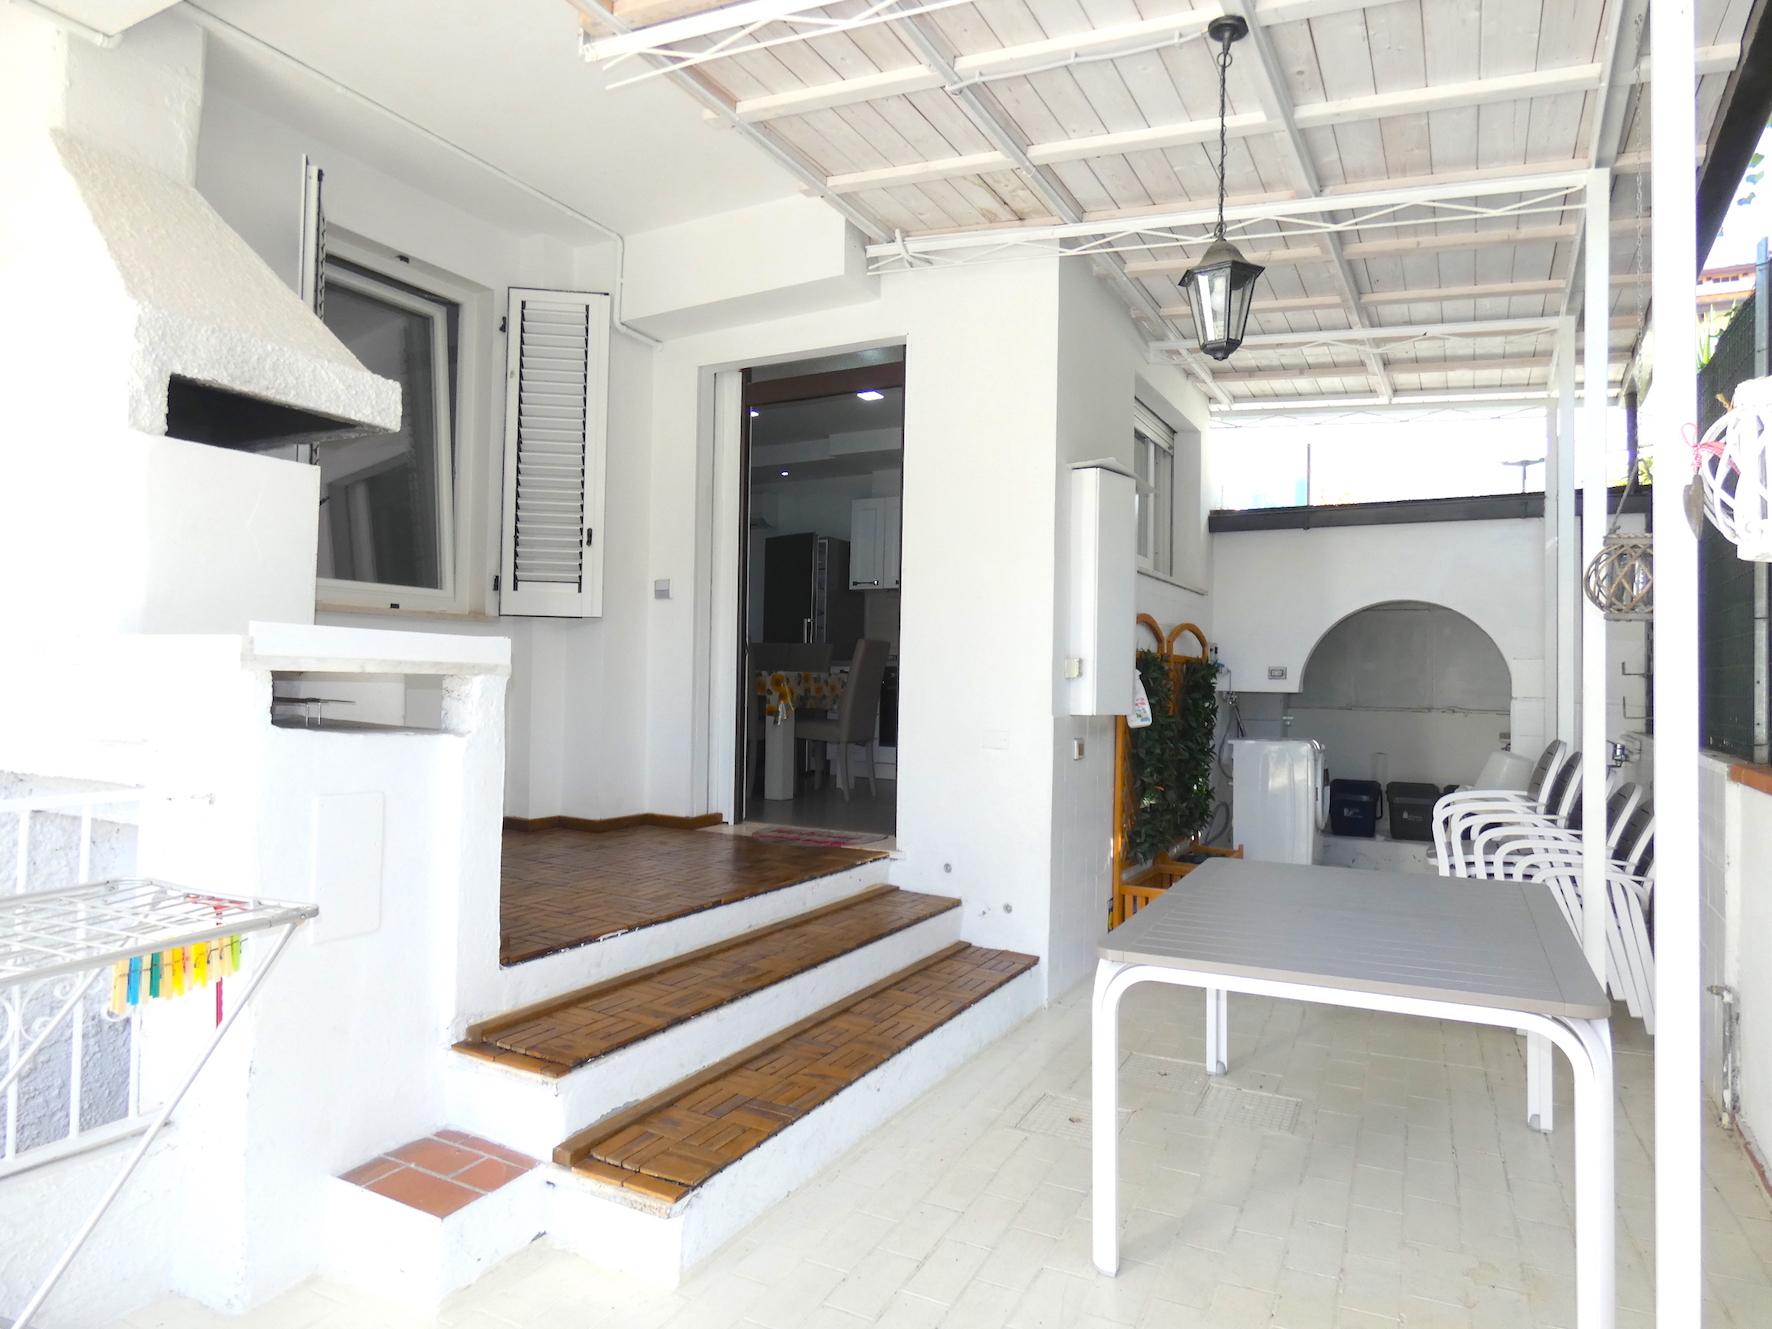 RICCIONE ABISSINIA, Appartamento con 3 camere al piano terra